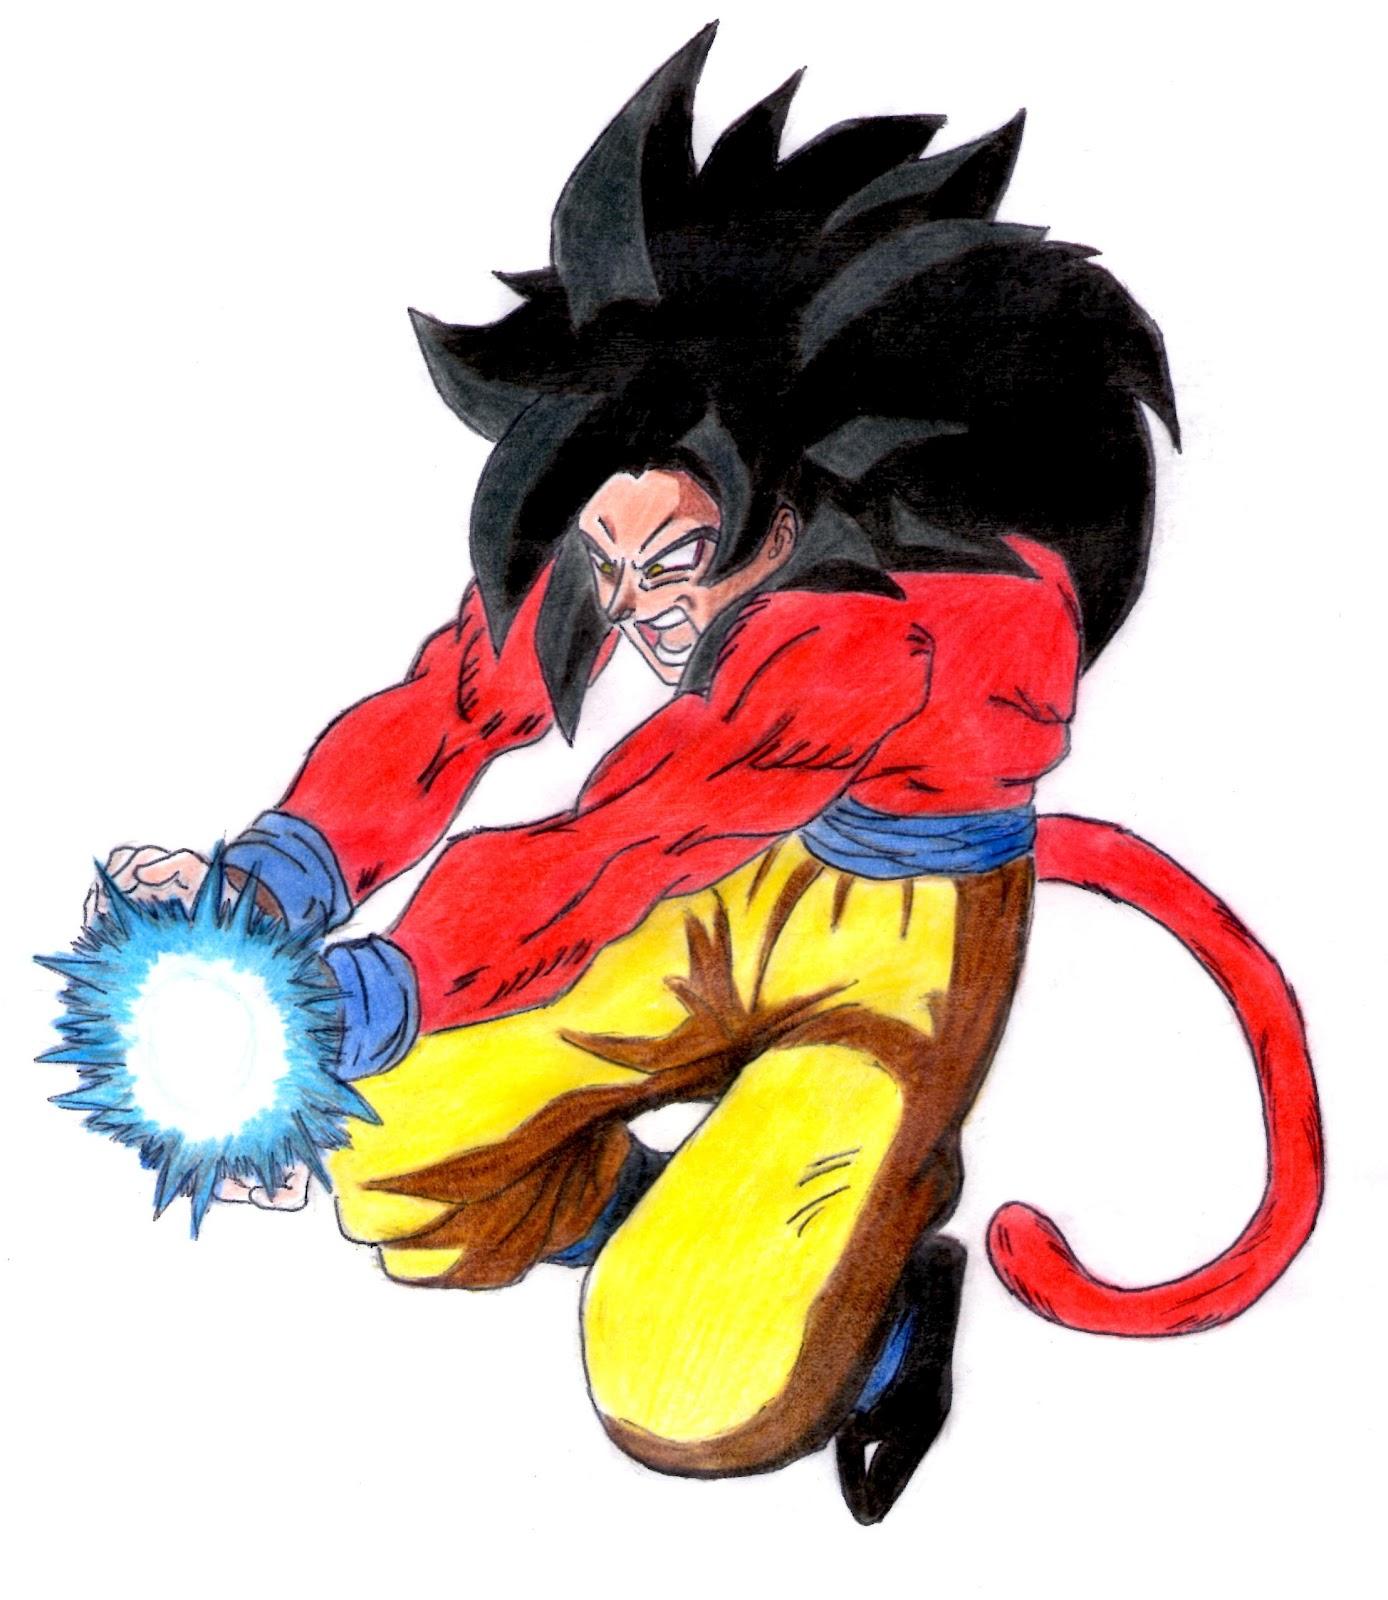 Imagenesde99: Imagenes De Goku Ssj4 A Lapiz